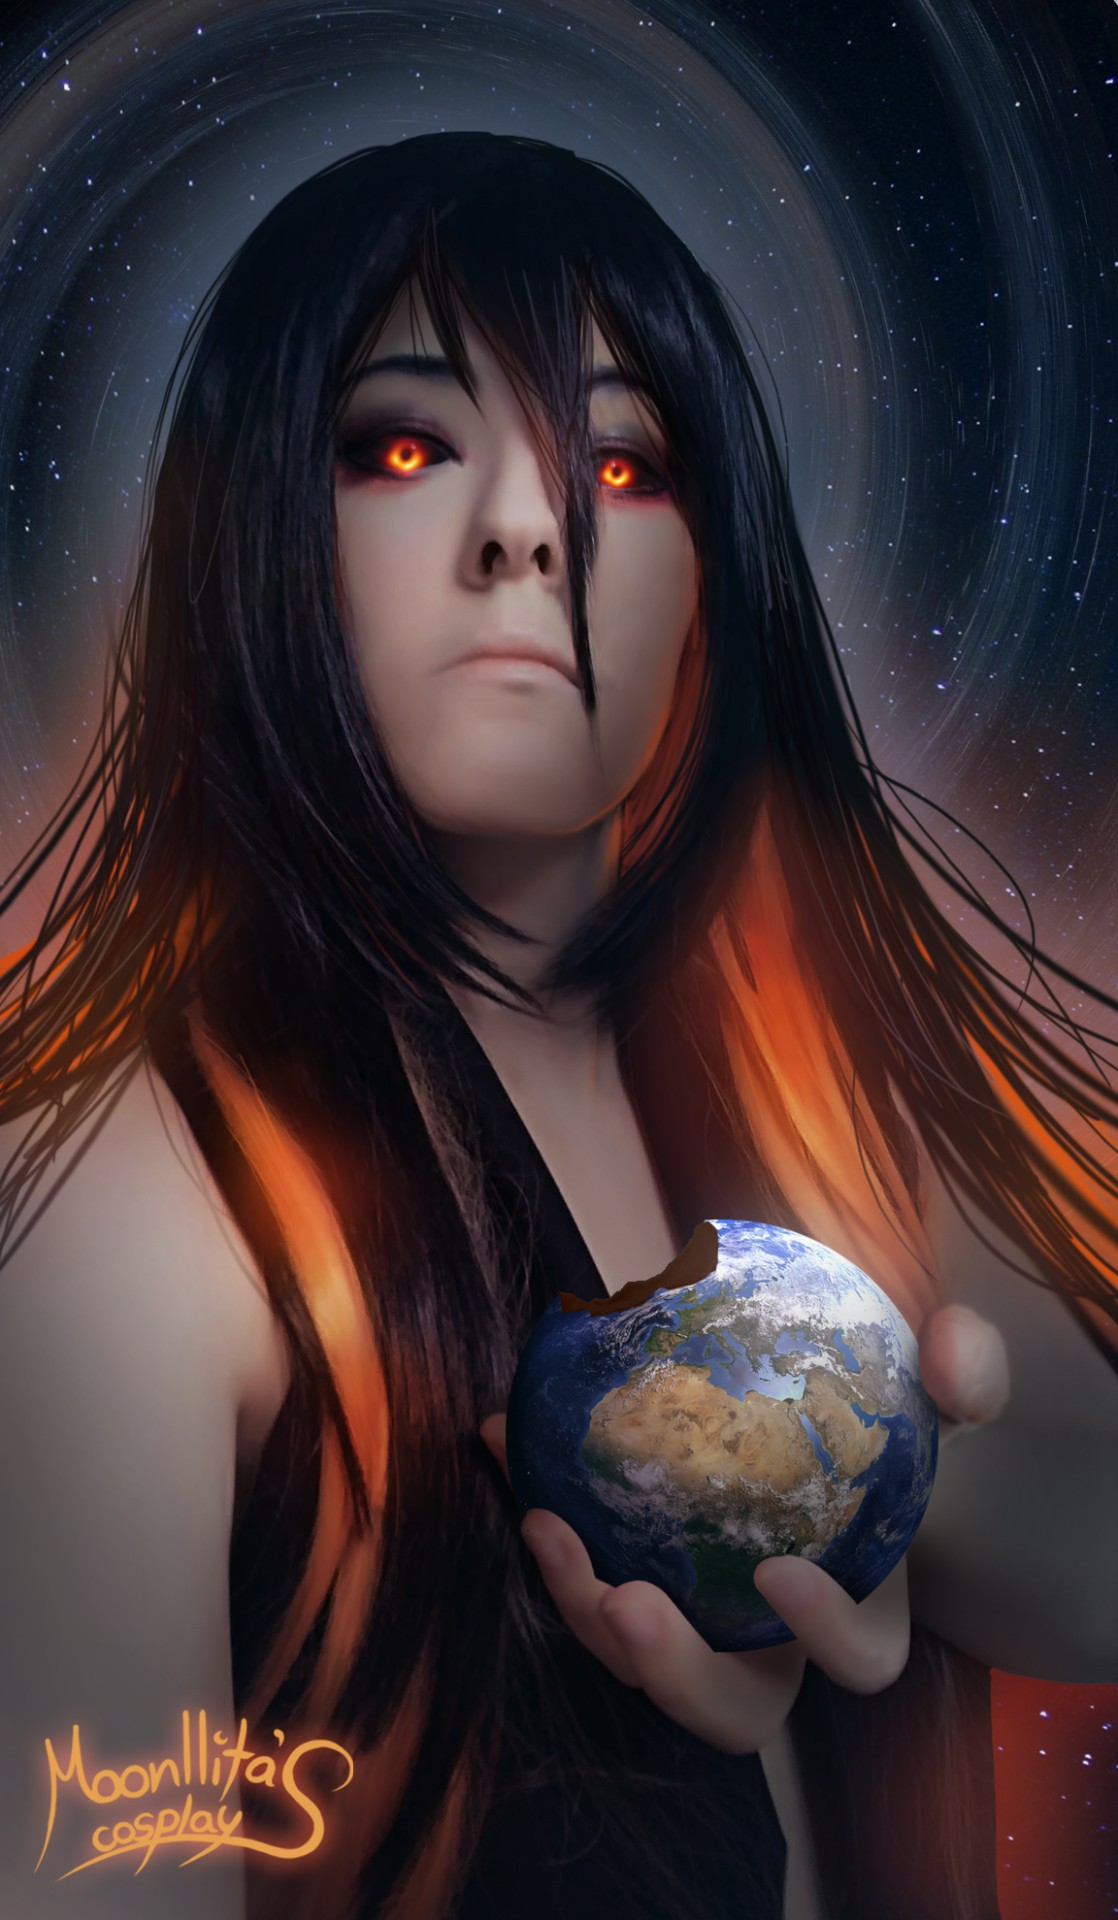 国外妹子黑洞风格Cos美图 邪魅吸睛想吞噬整个宇宙